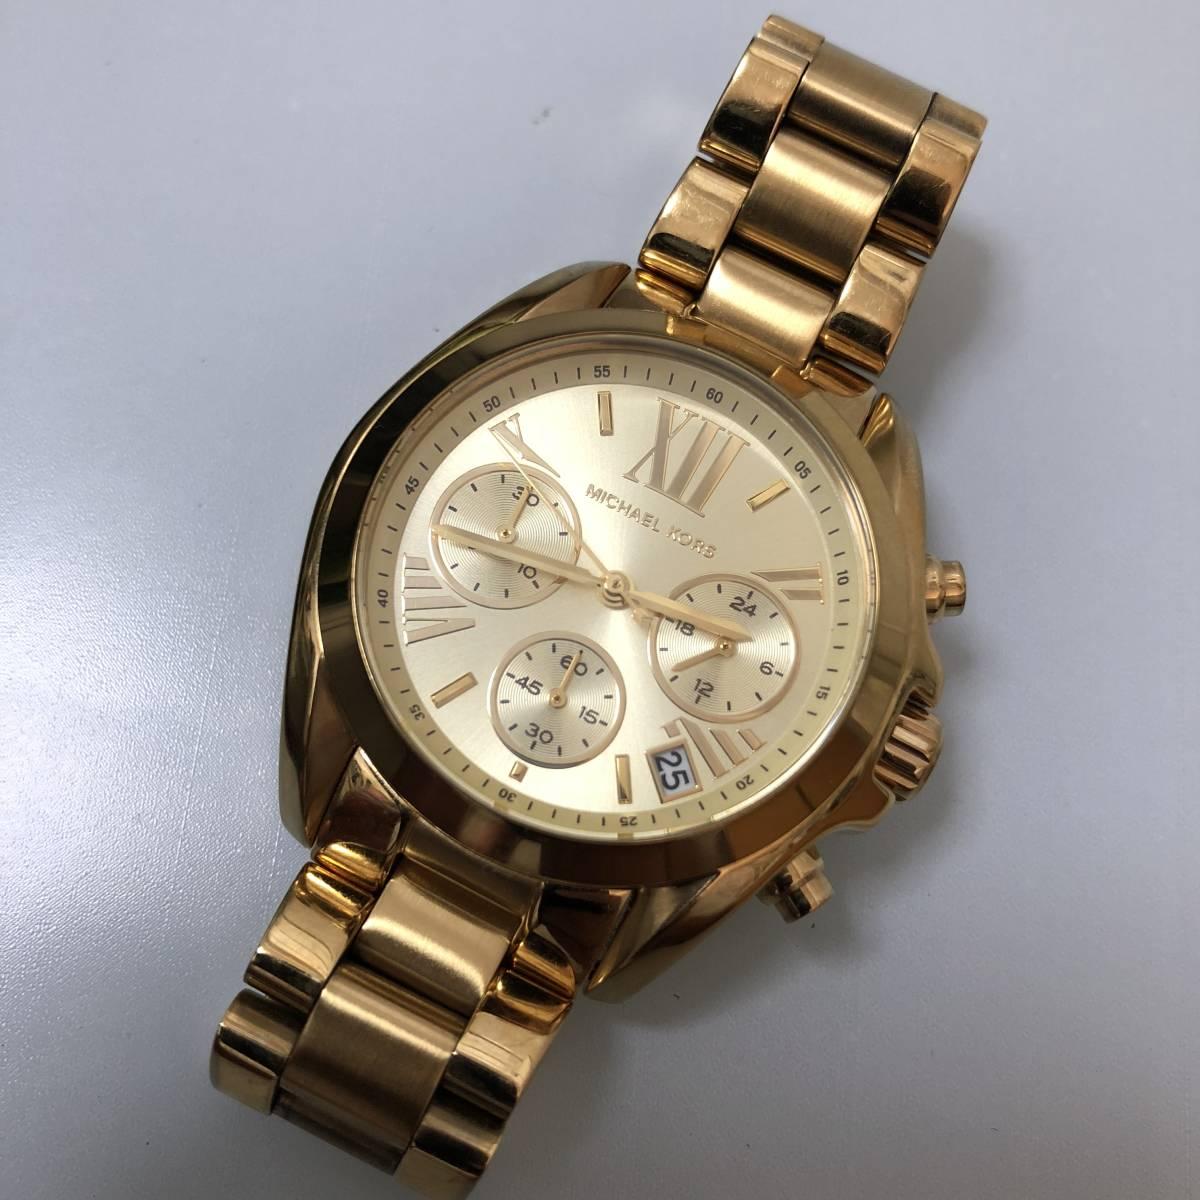 5a60b68e2699 美品☆ MICHAEL KORS マイケルコース MK-5978 レディース 腕時計 クロノグラフ ゴールド クオーツ